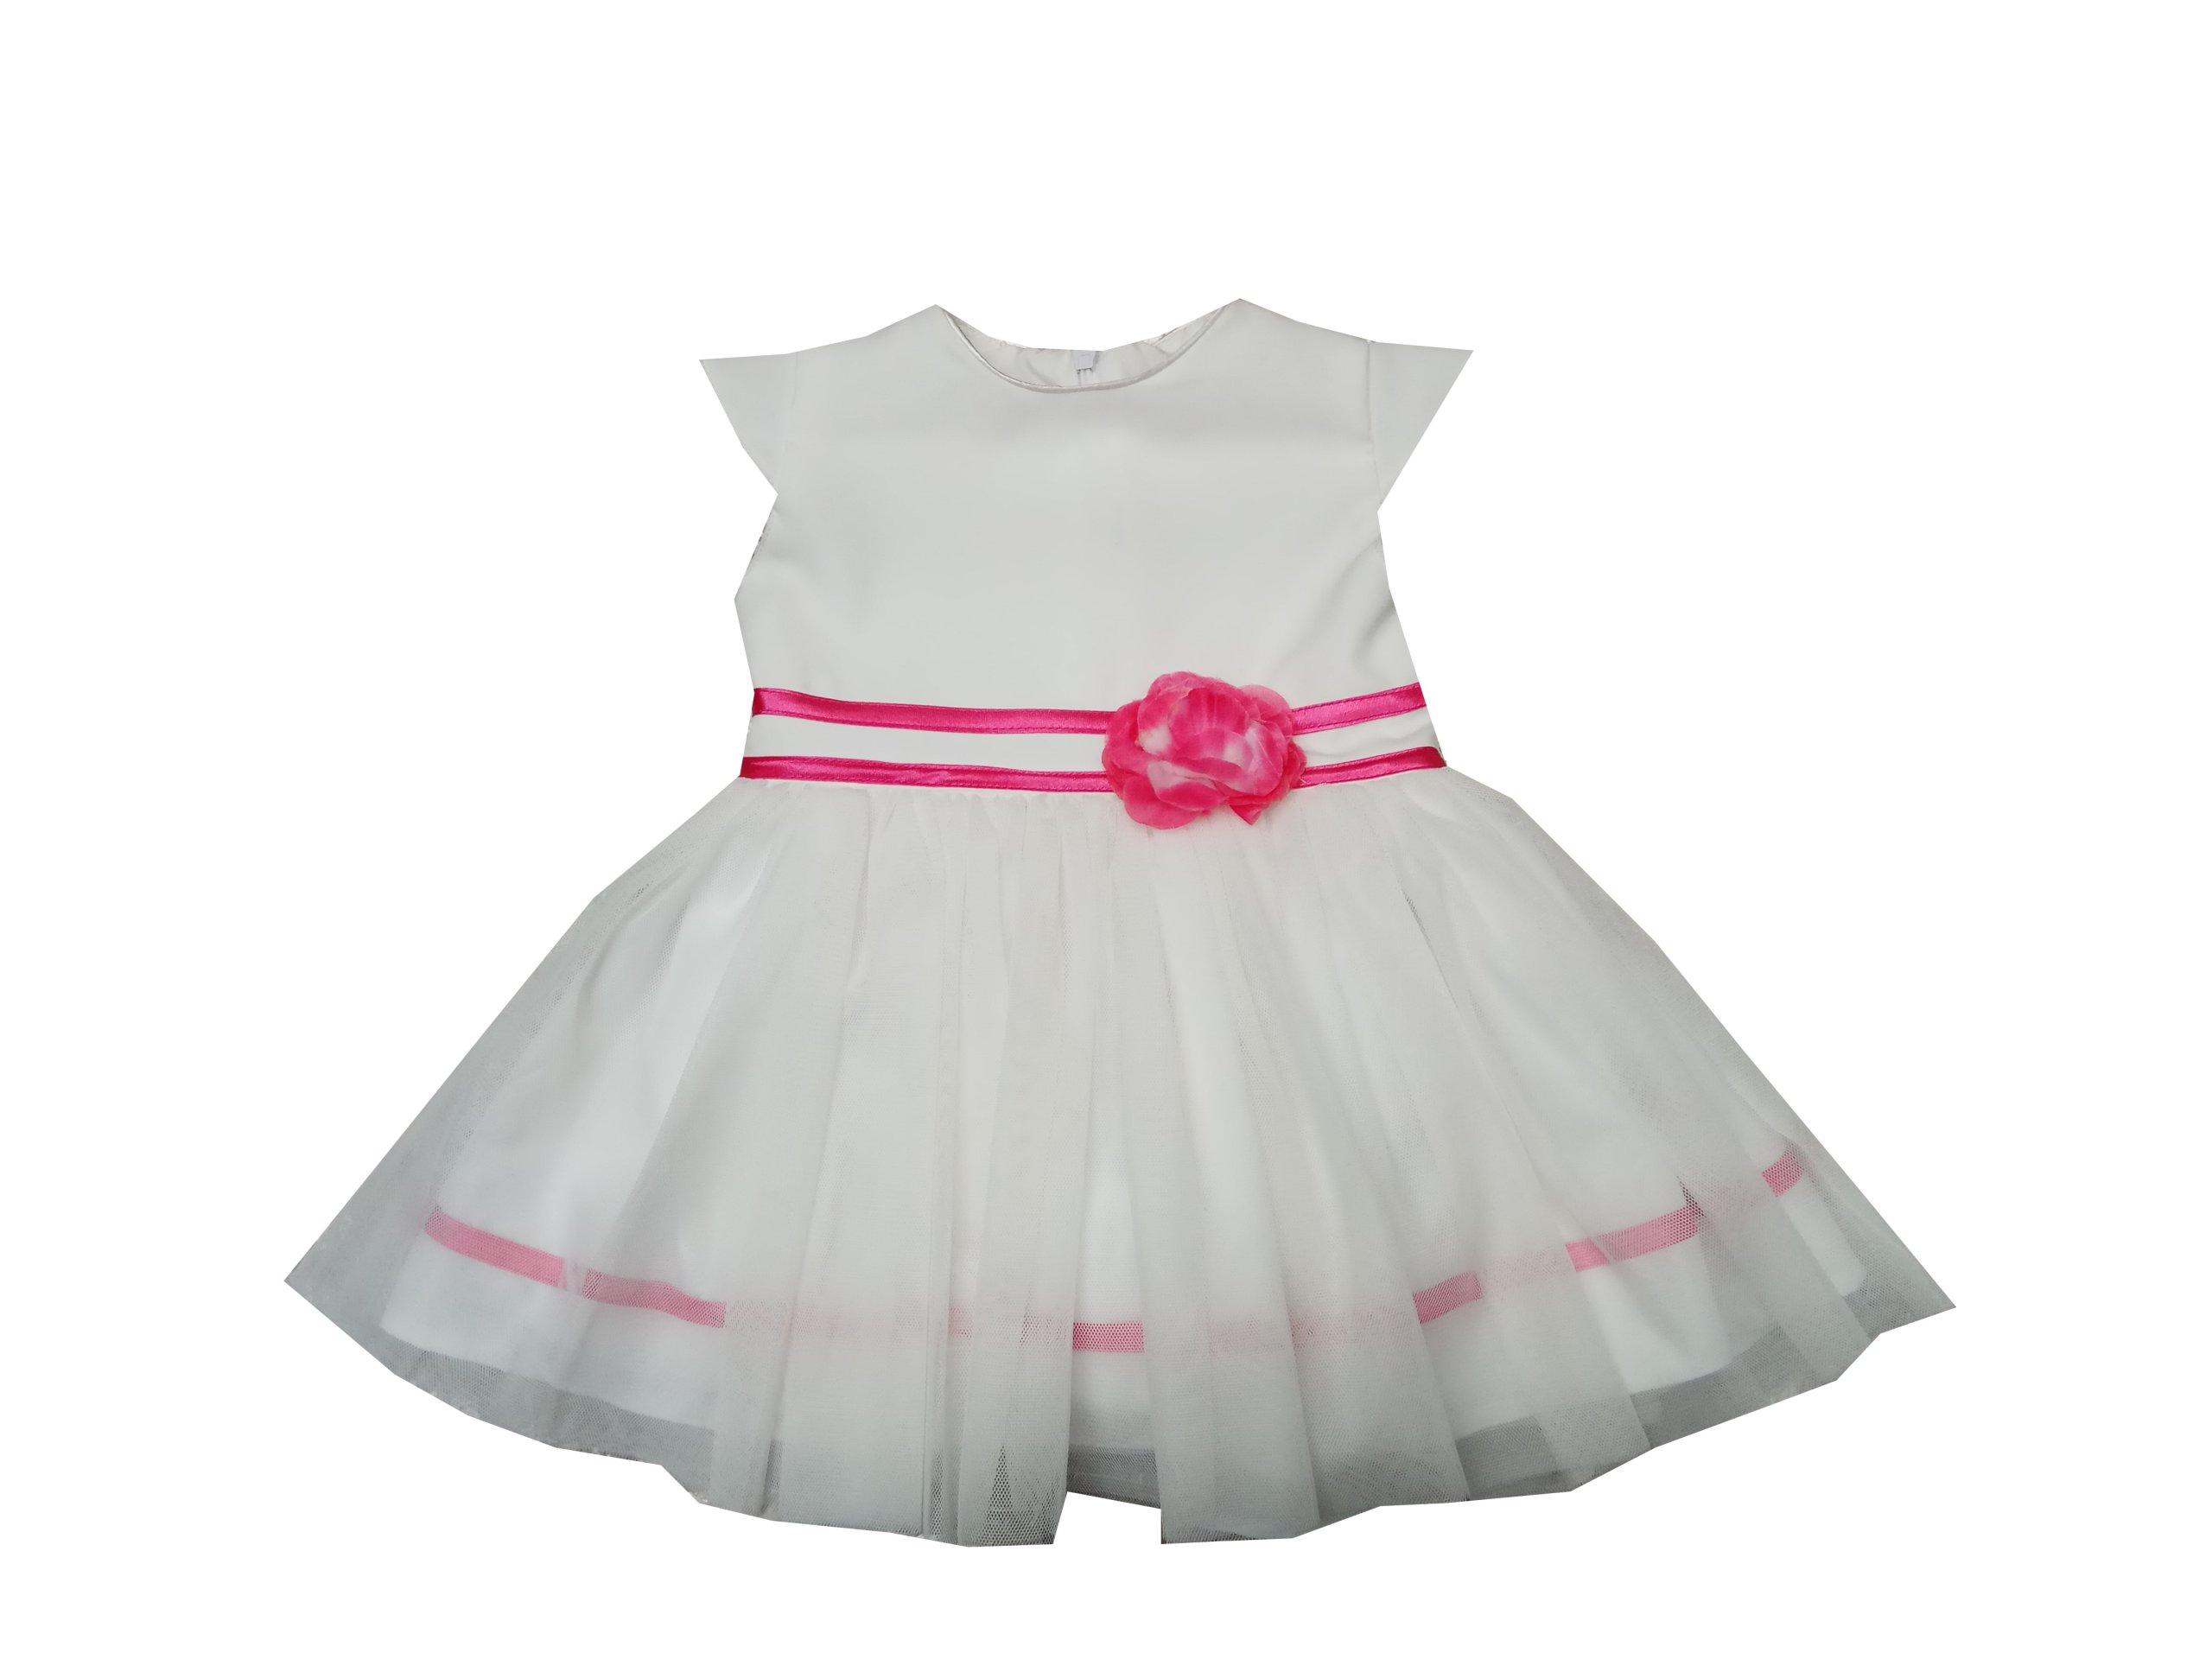 cd3ae17f28 Sukienka wizytowa wesele chrzciny ecri róż 86 - 7390152533 ...